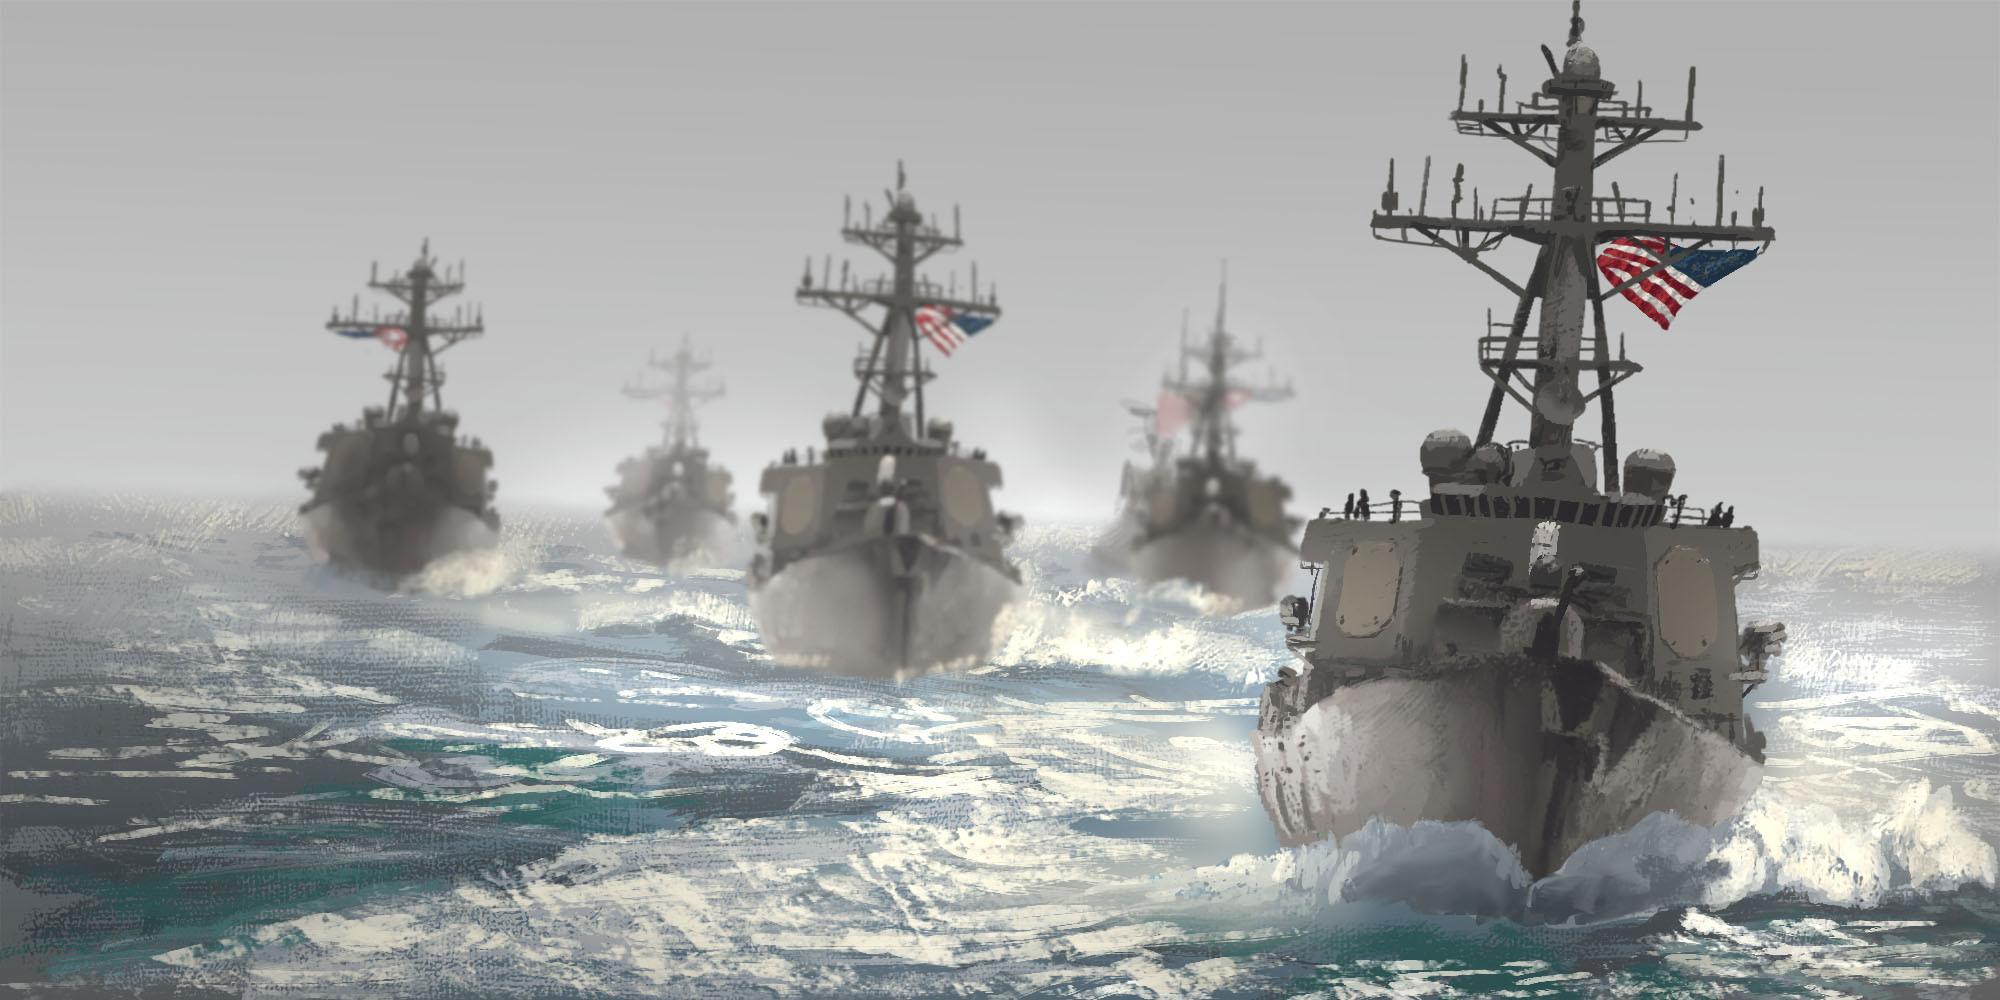 Photo Study: Flotilla